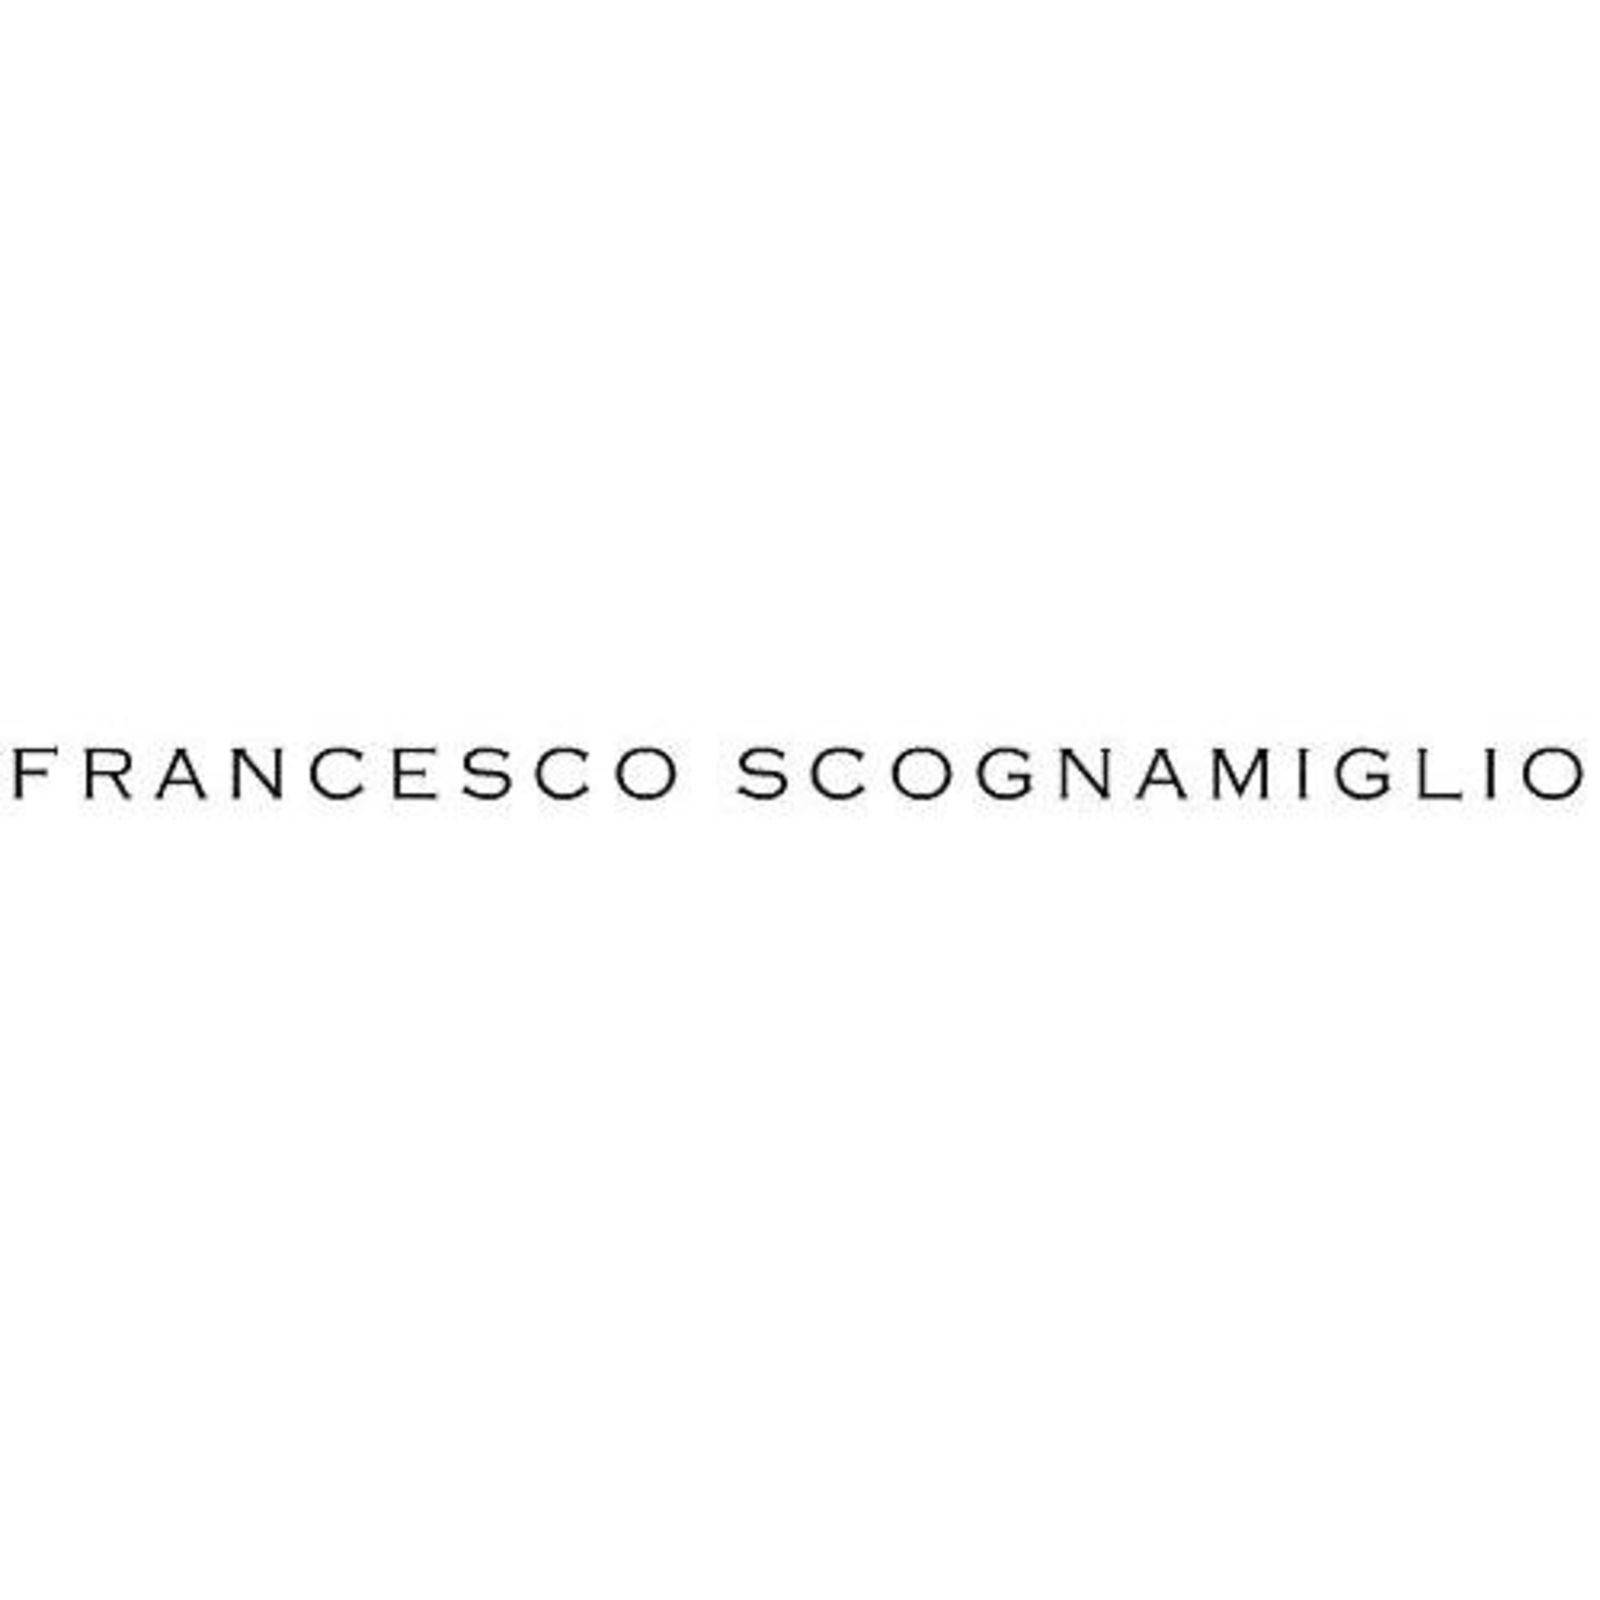 FRANCESCO SCOGNAMIGLIO